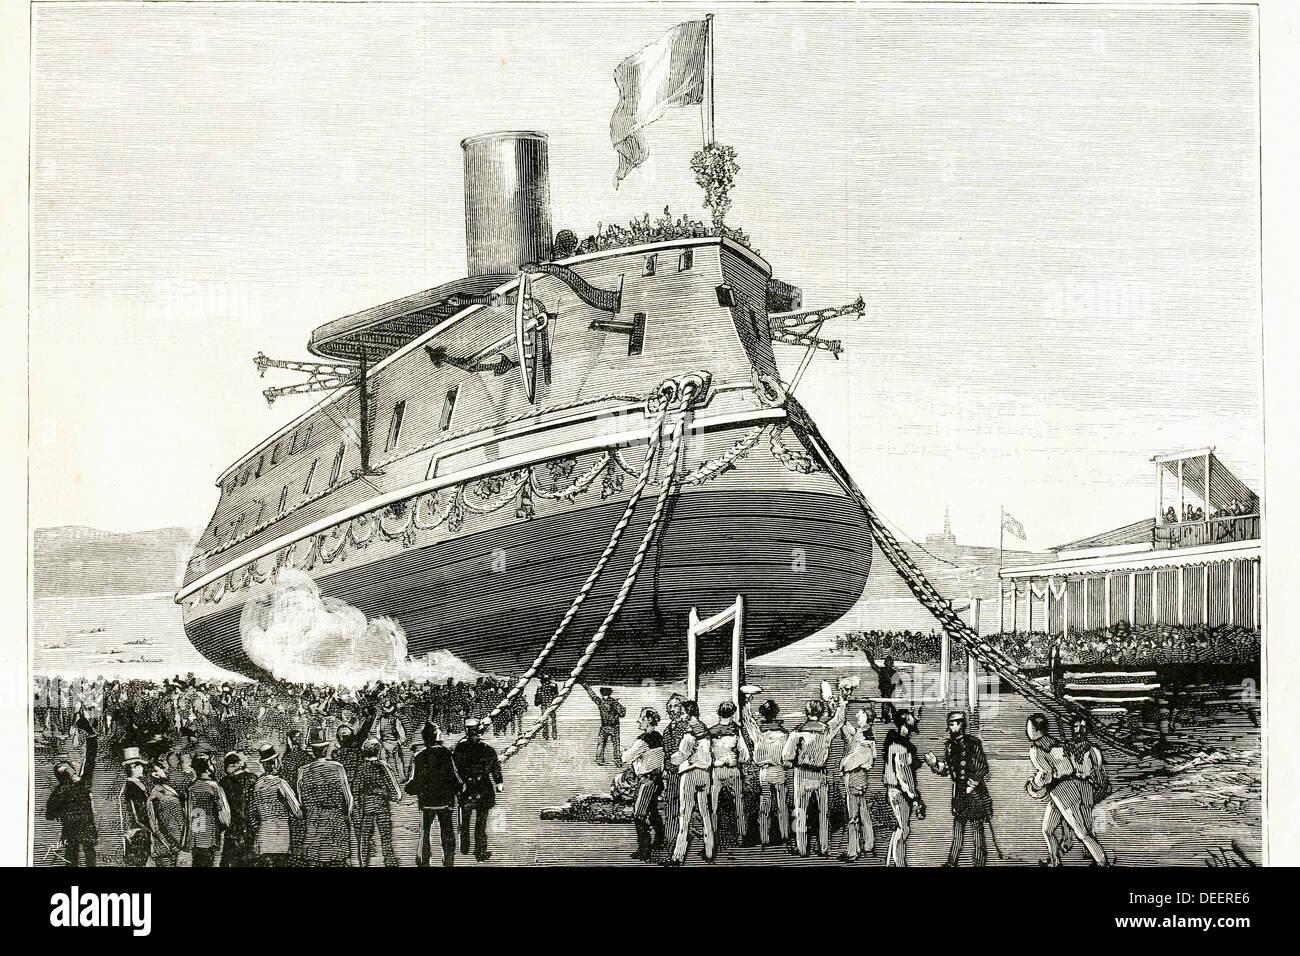 Einführung des französischen Schlachtschiff ´Formidable´. Lorient, Frankreich. Zeichnung aus dem Jahr 1885 Stockbild